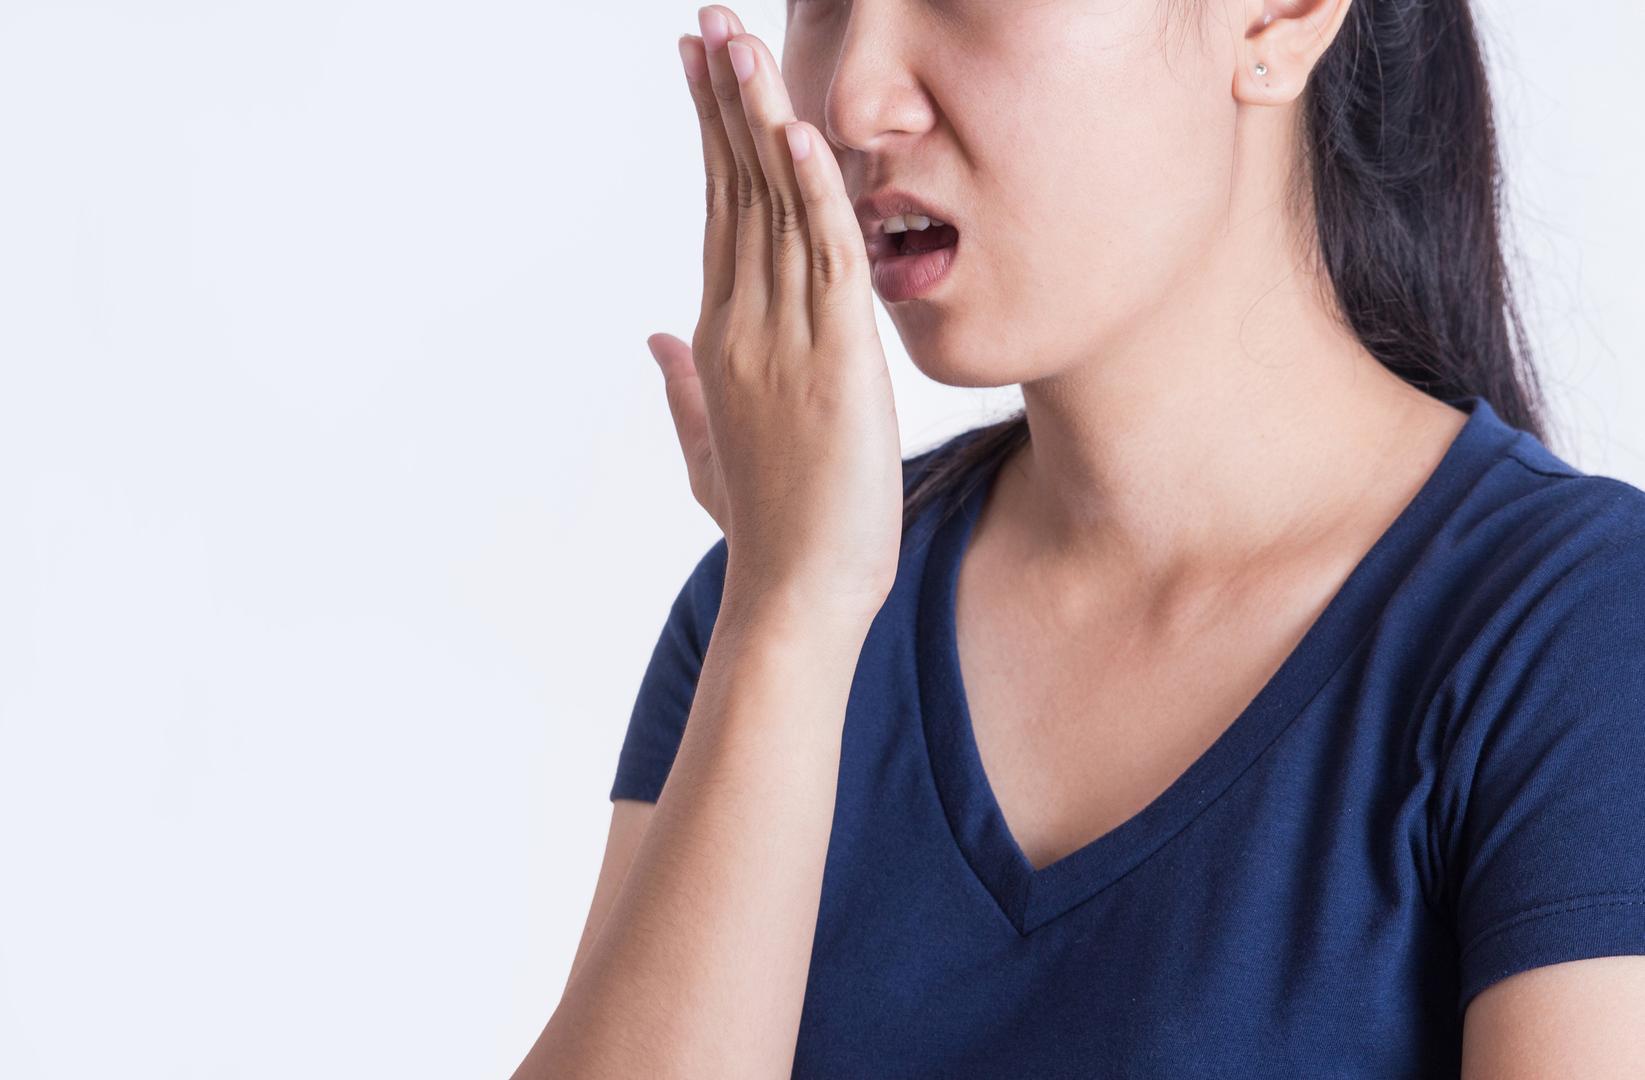 هل رائحة الفم الكريهة دليل على الإصابة بمرض السكري؟